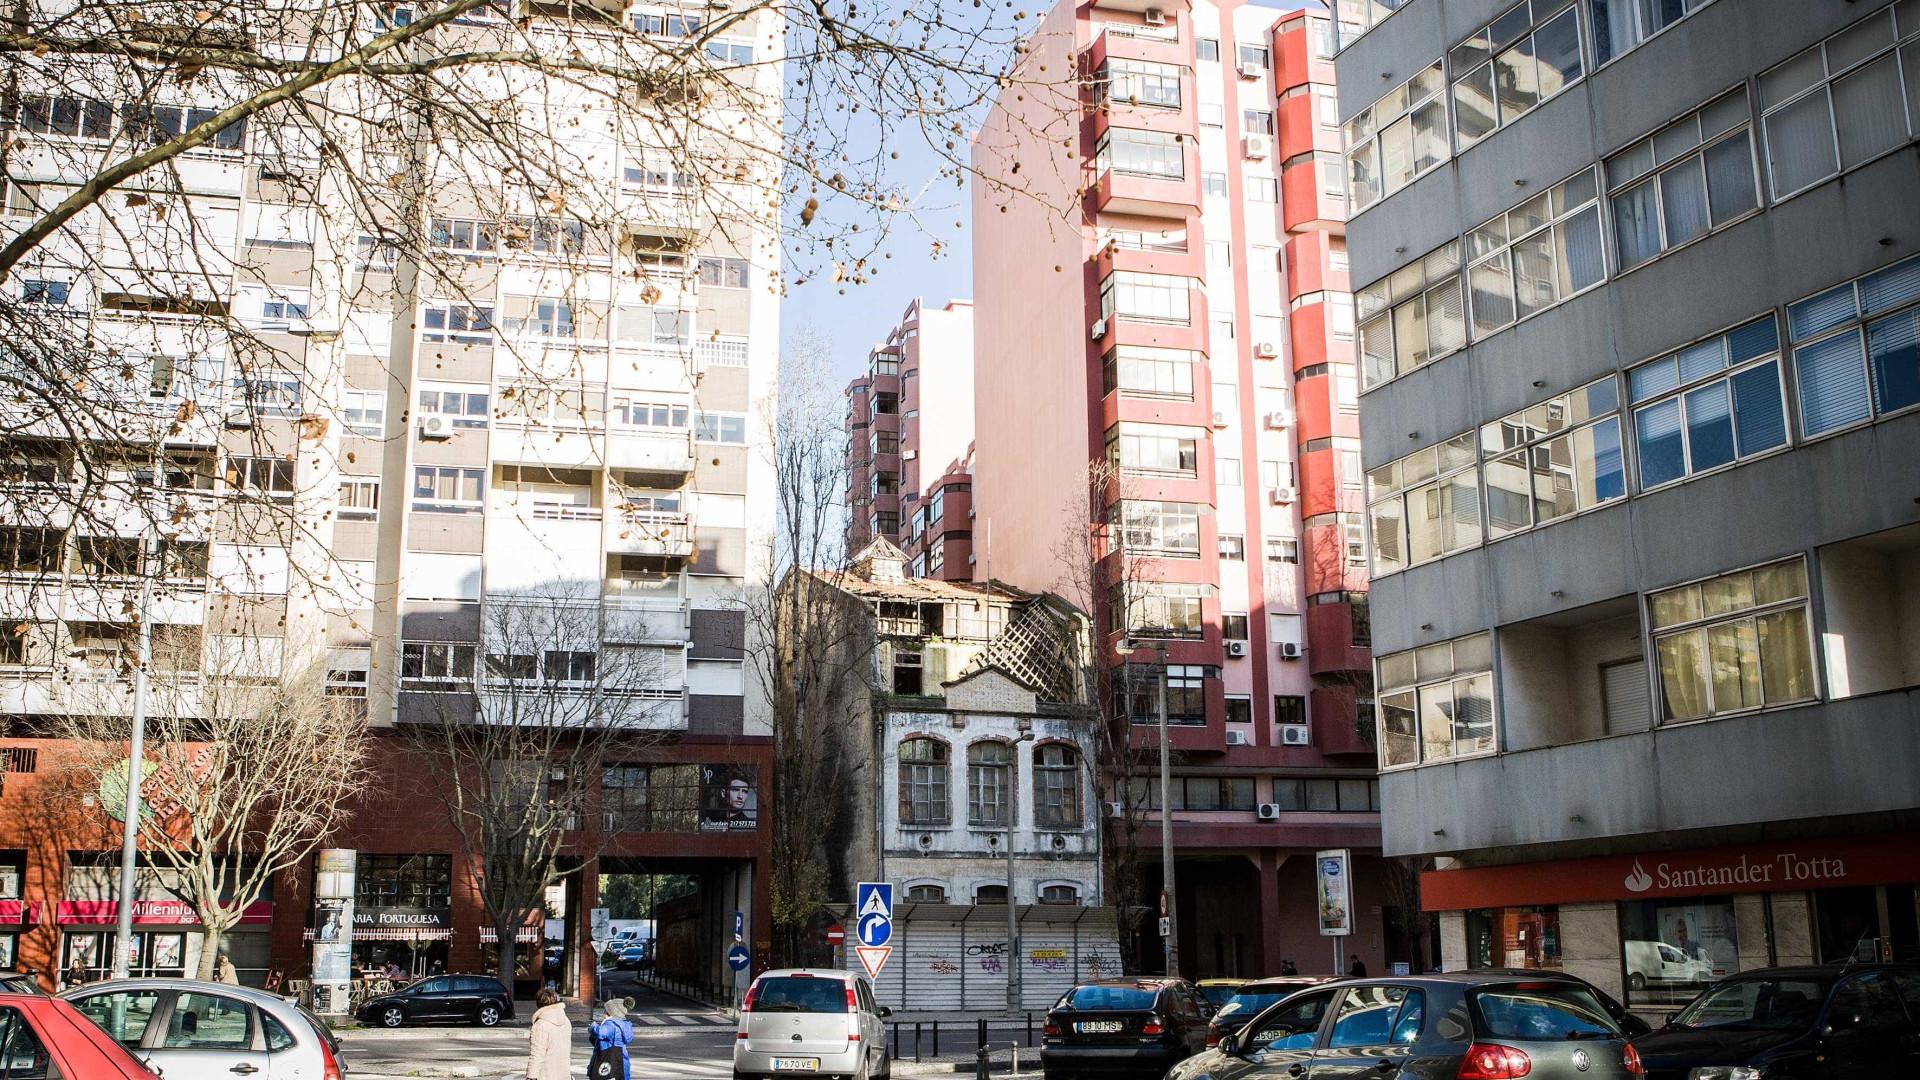 'Perdi a Casa' quer mapear e contar as histórias dos despejos em Lisboa